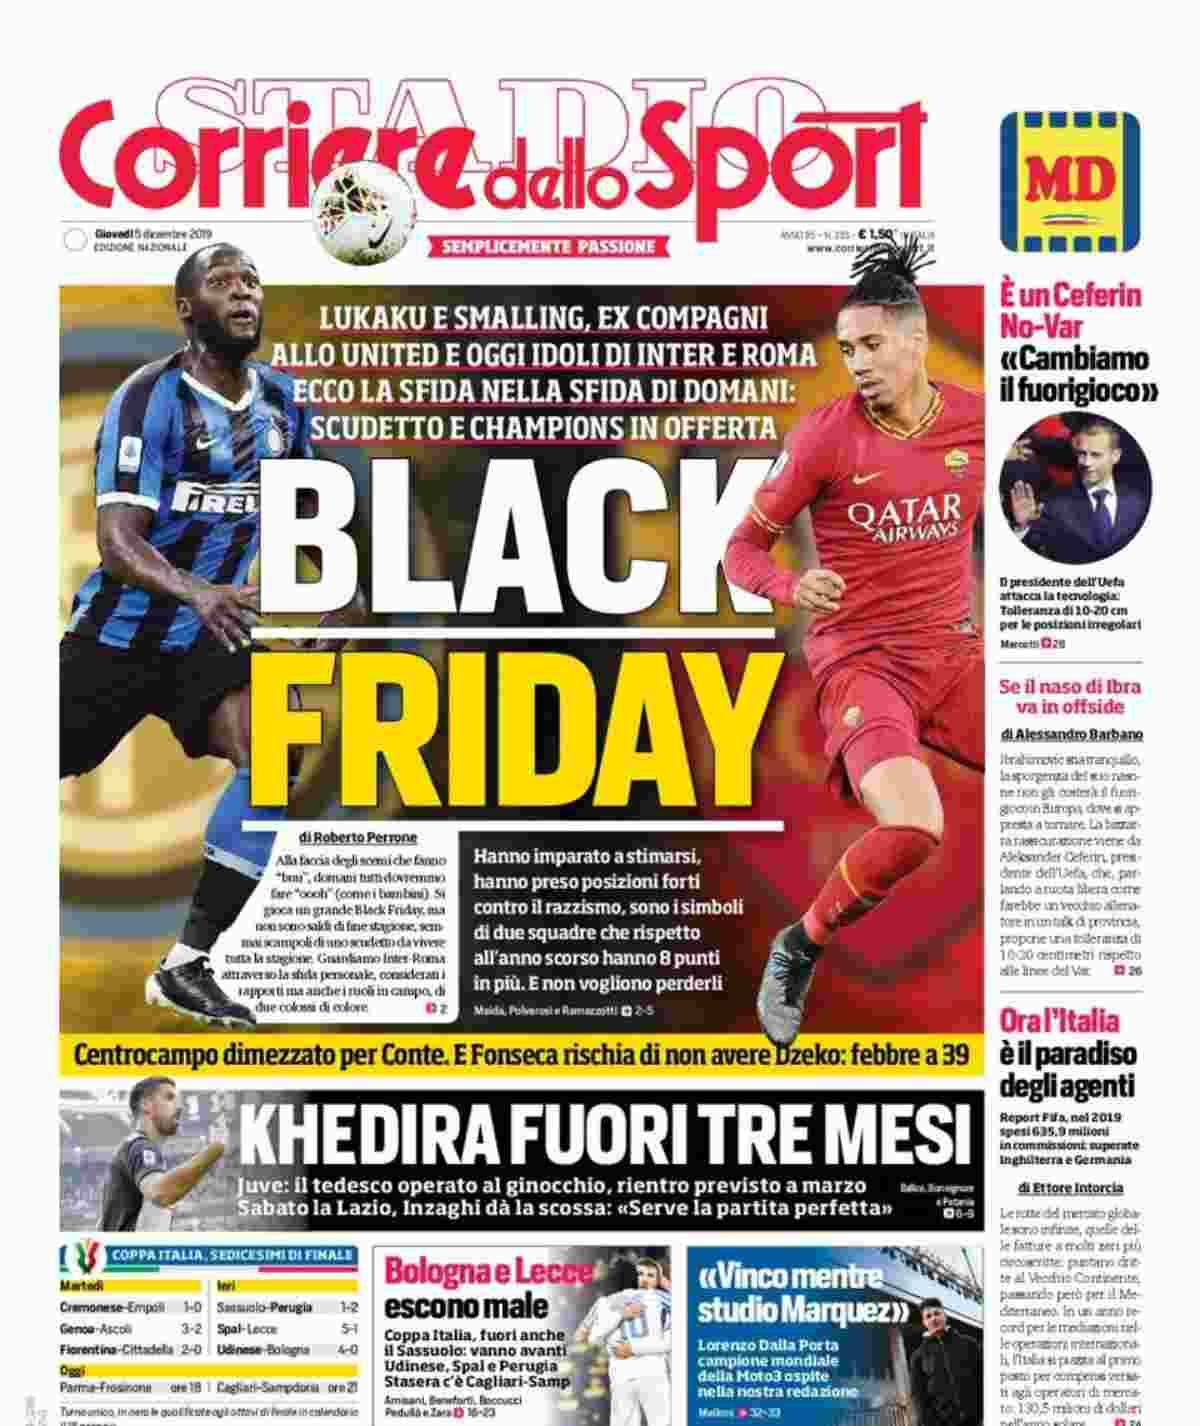 Corriere dello Sport, criticata la prima pagina per razzismo